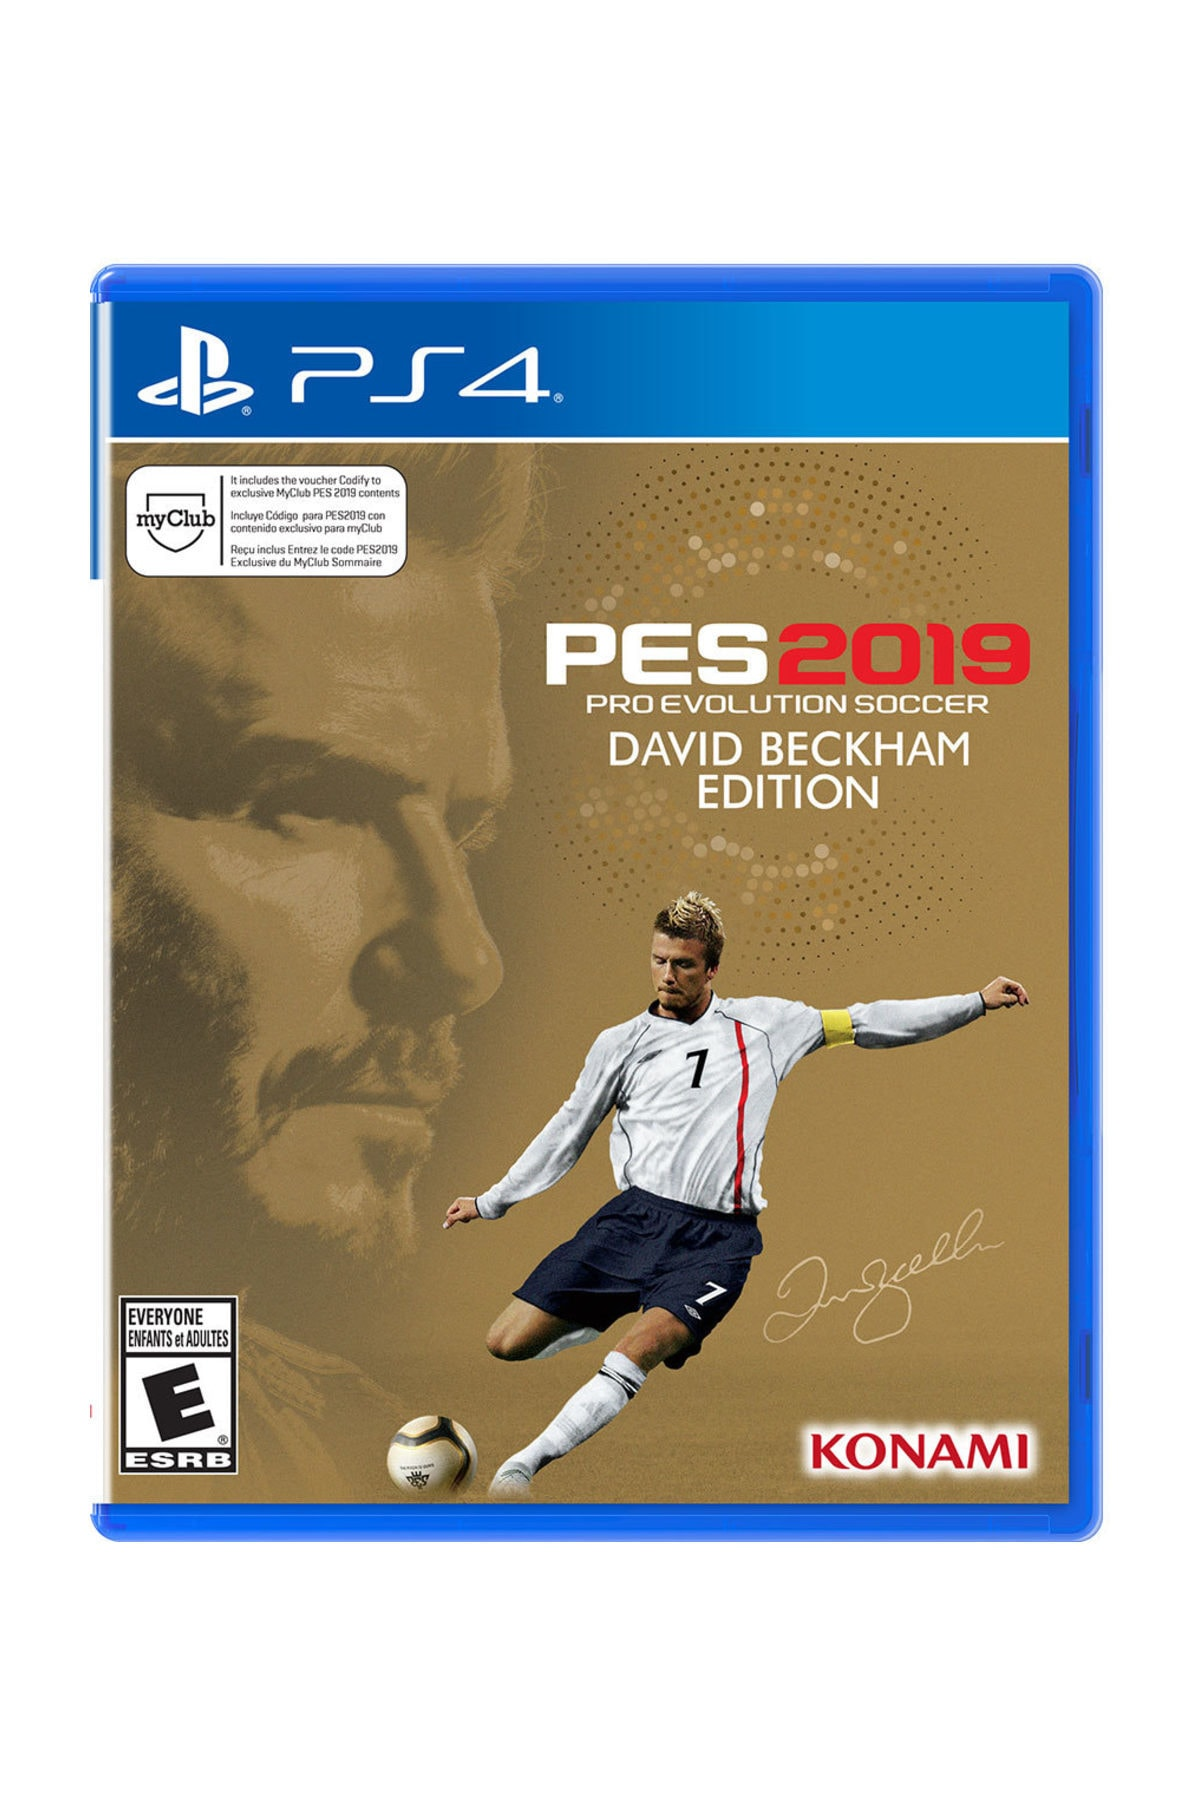 KONAMI Pes 2019 David Beckham Edition PS4 Oyun 1